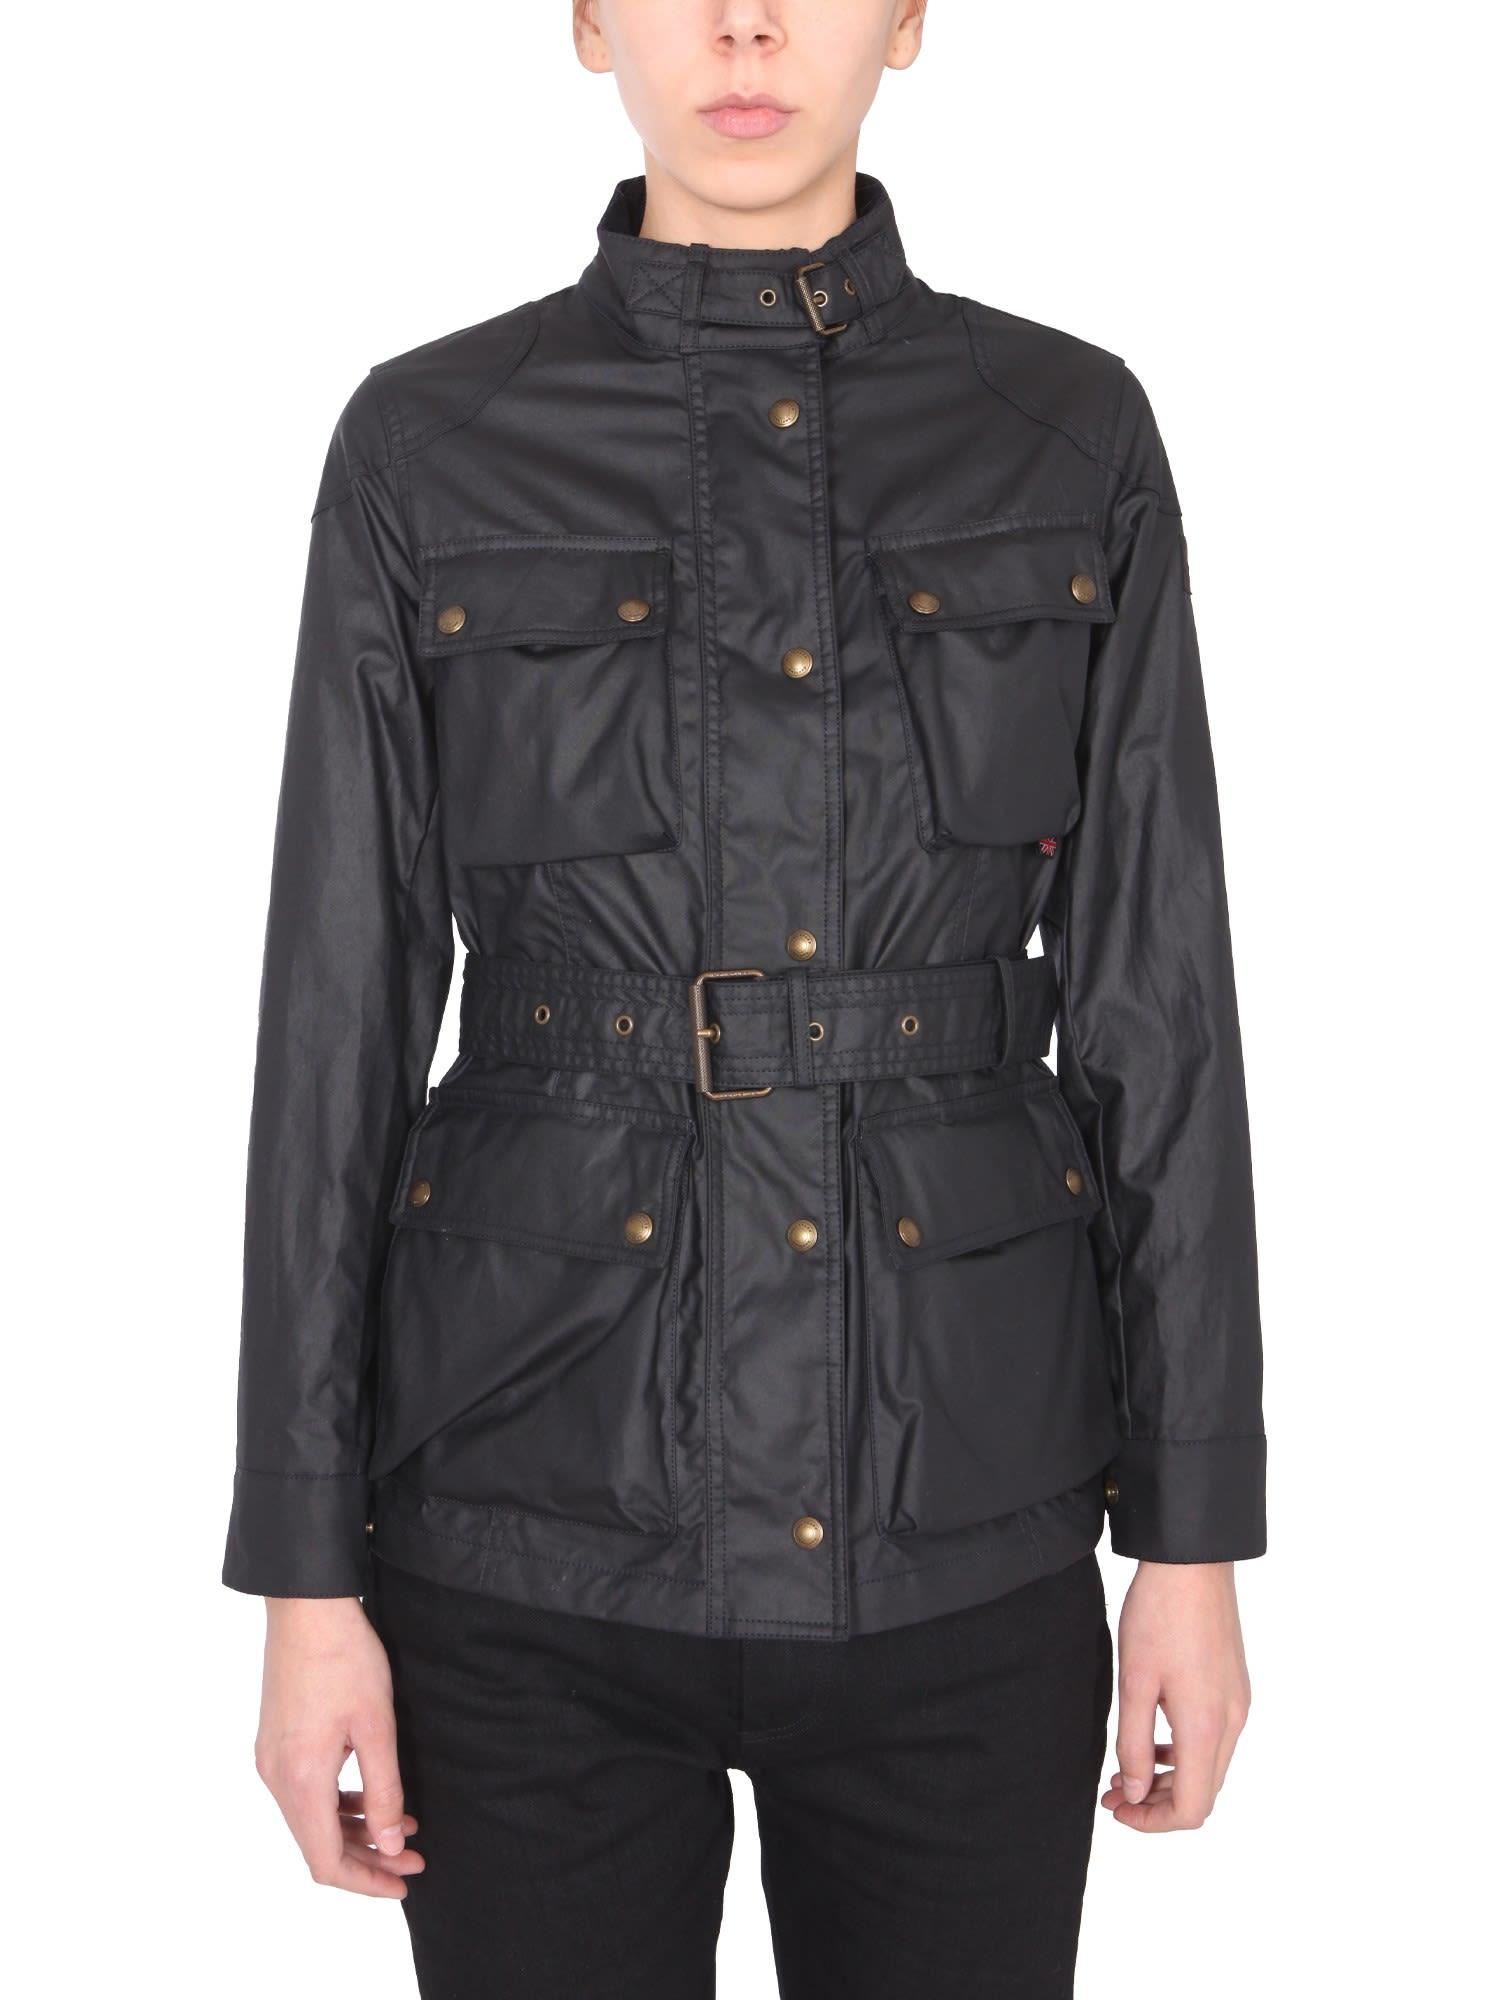 Belstaff Coats TRIALMASTER JACKET